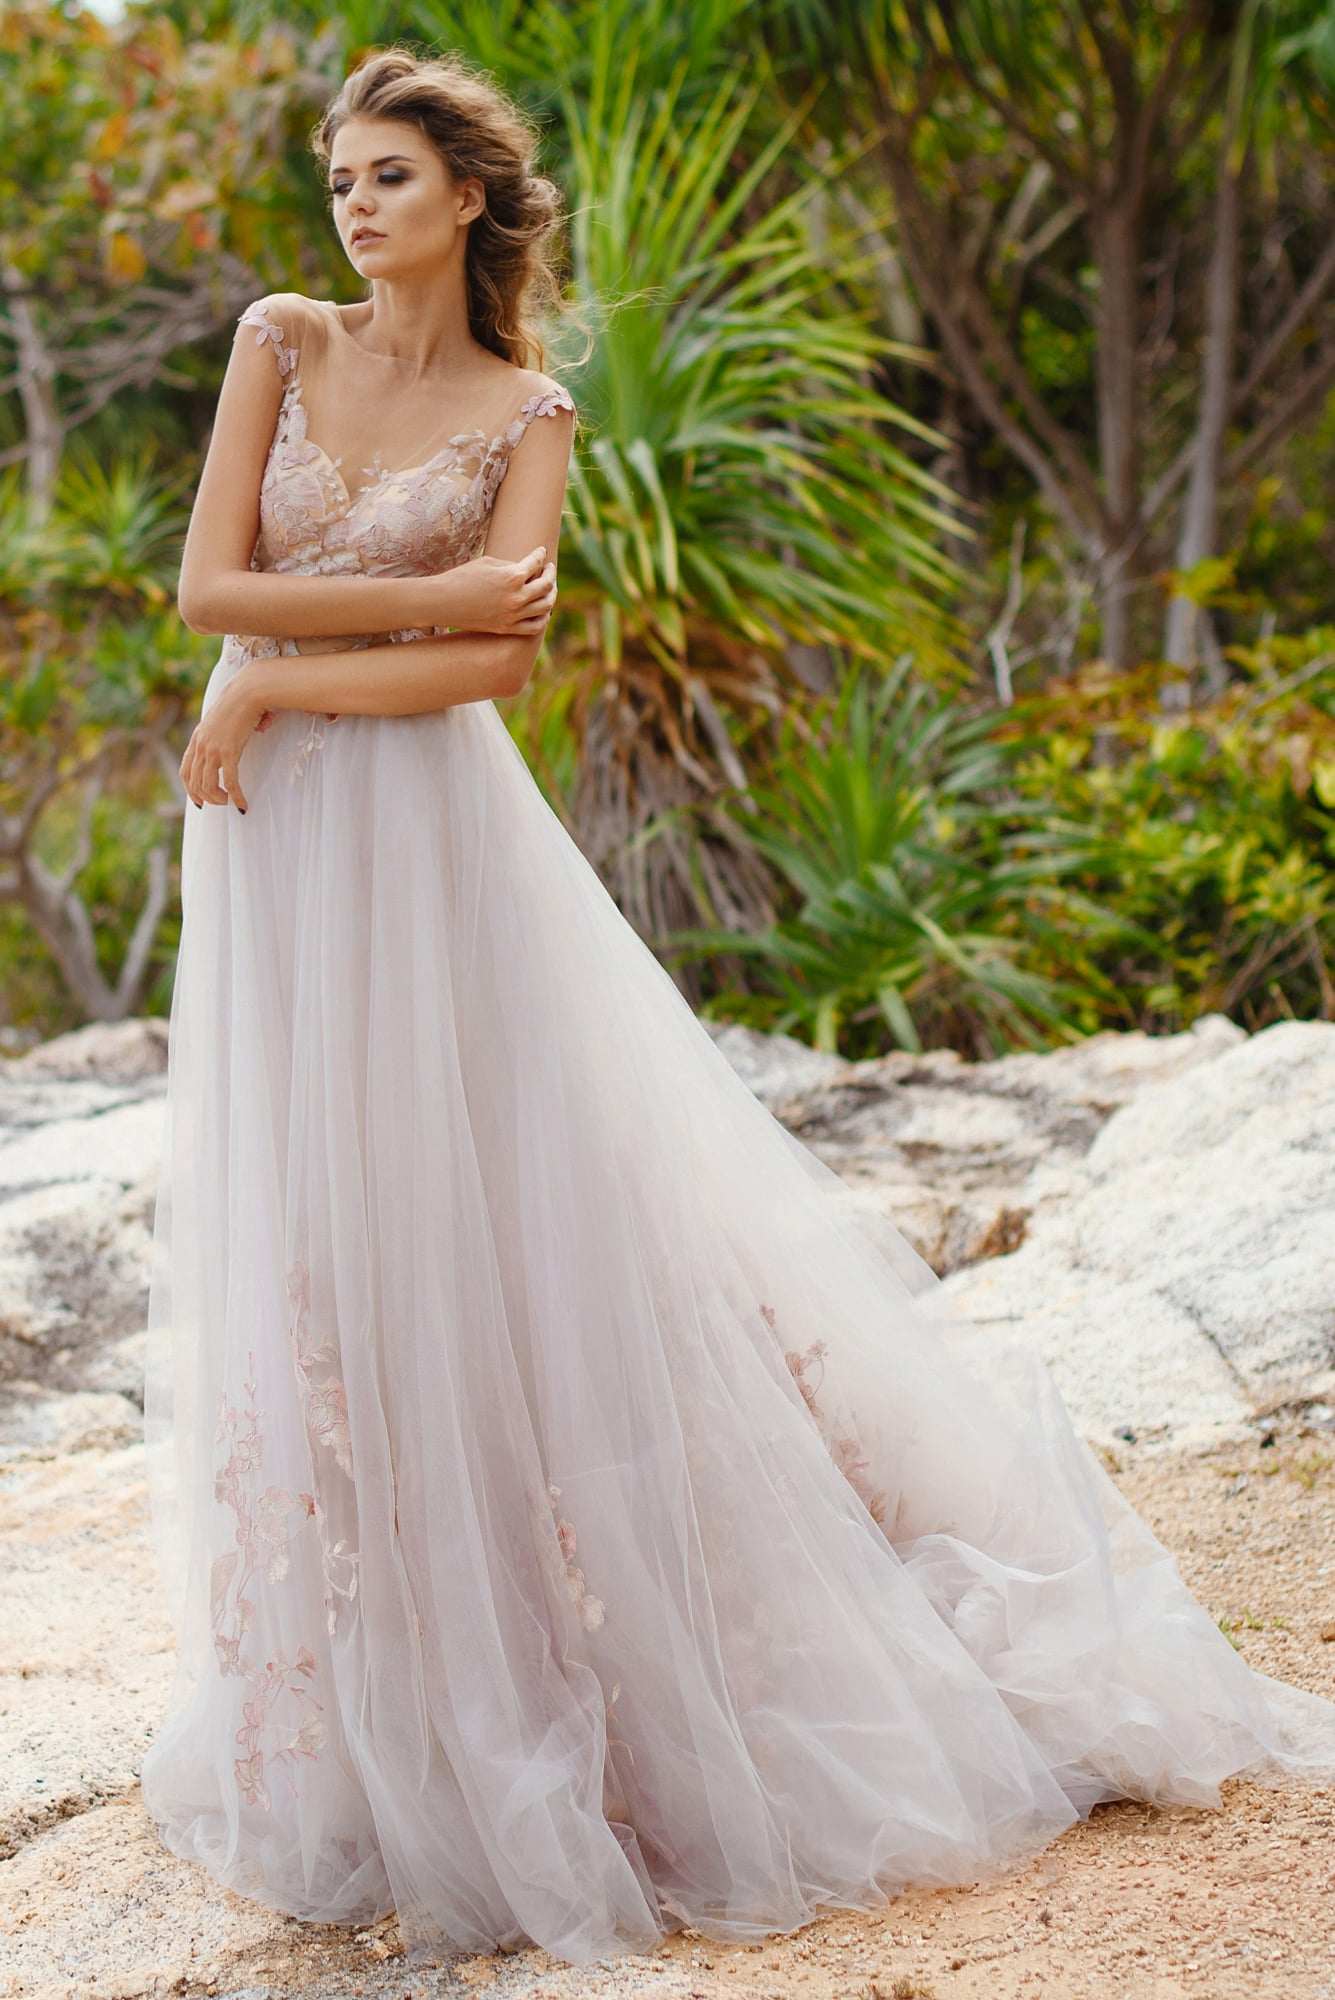 ba35e3658ff Утонченное свадебное платье с многослойной юбкой и розовыми аппликациями на  лифе.